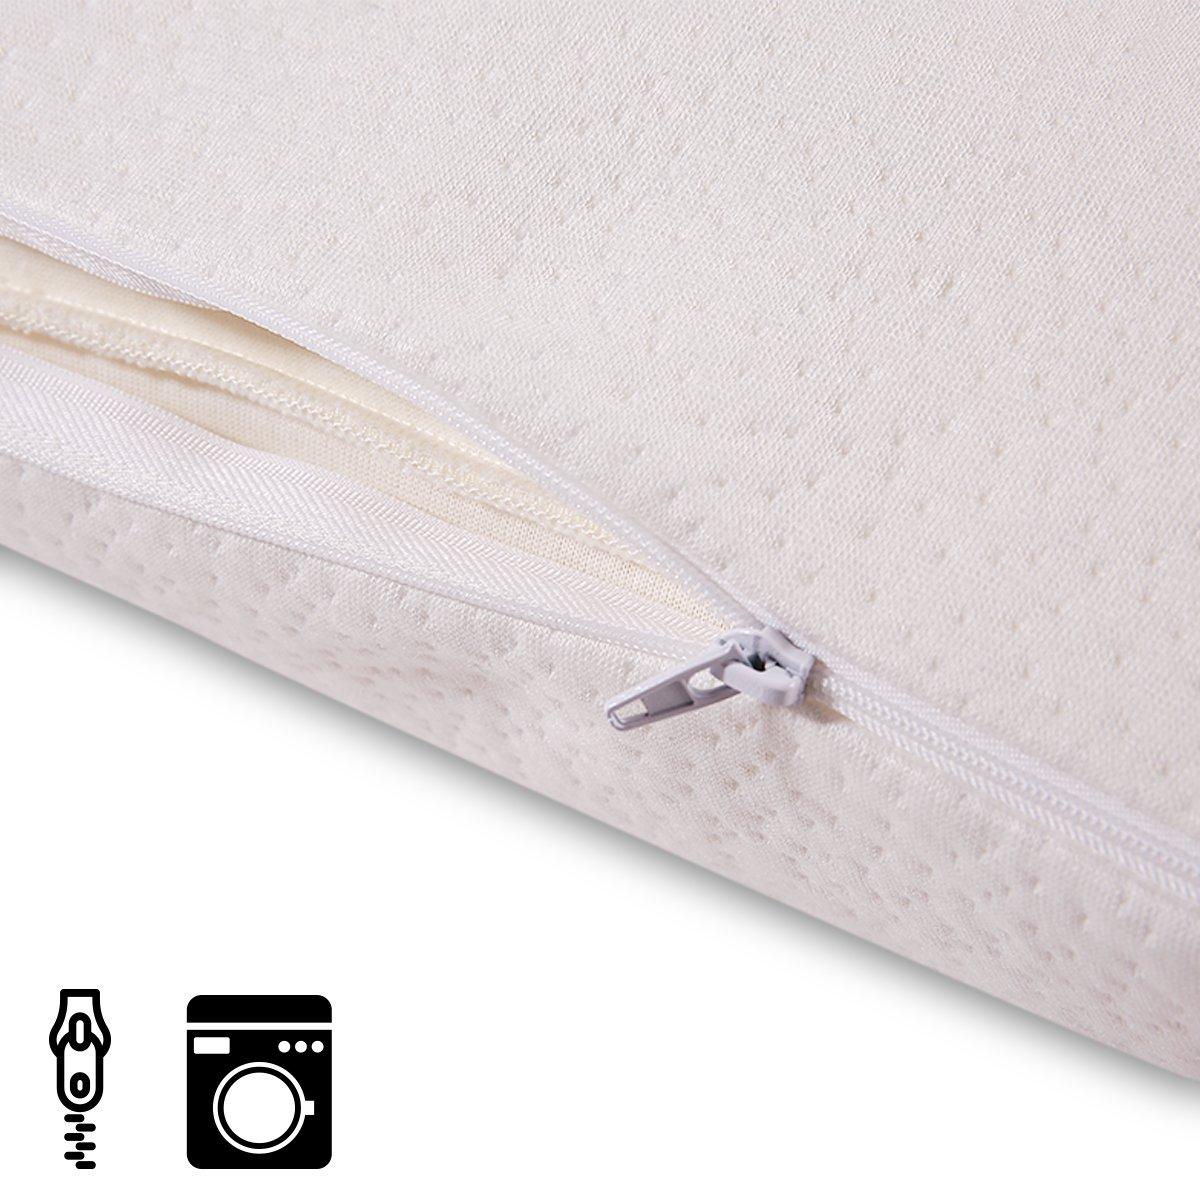 Cr Almohada de Espuma de Copos con Efecto Memoria, Medidas: 70 x 35 cm, Altura 12 cm, Suave, y Confortable, Funda de Bambú Extraíble y Lavable, ...